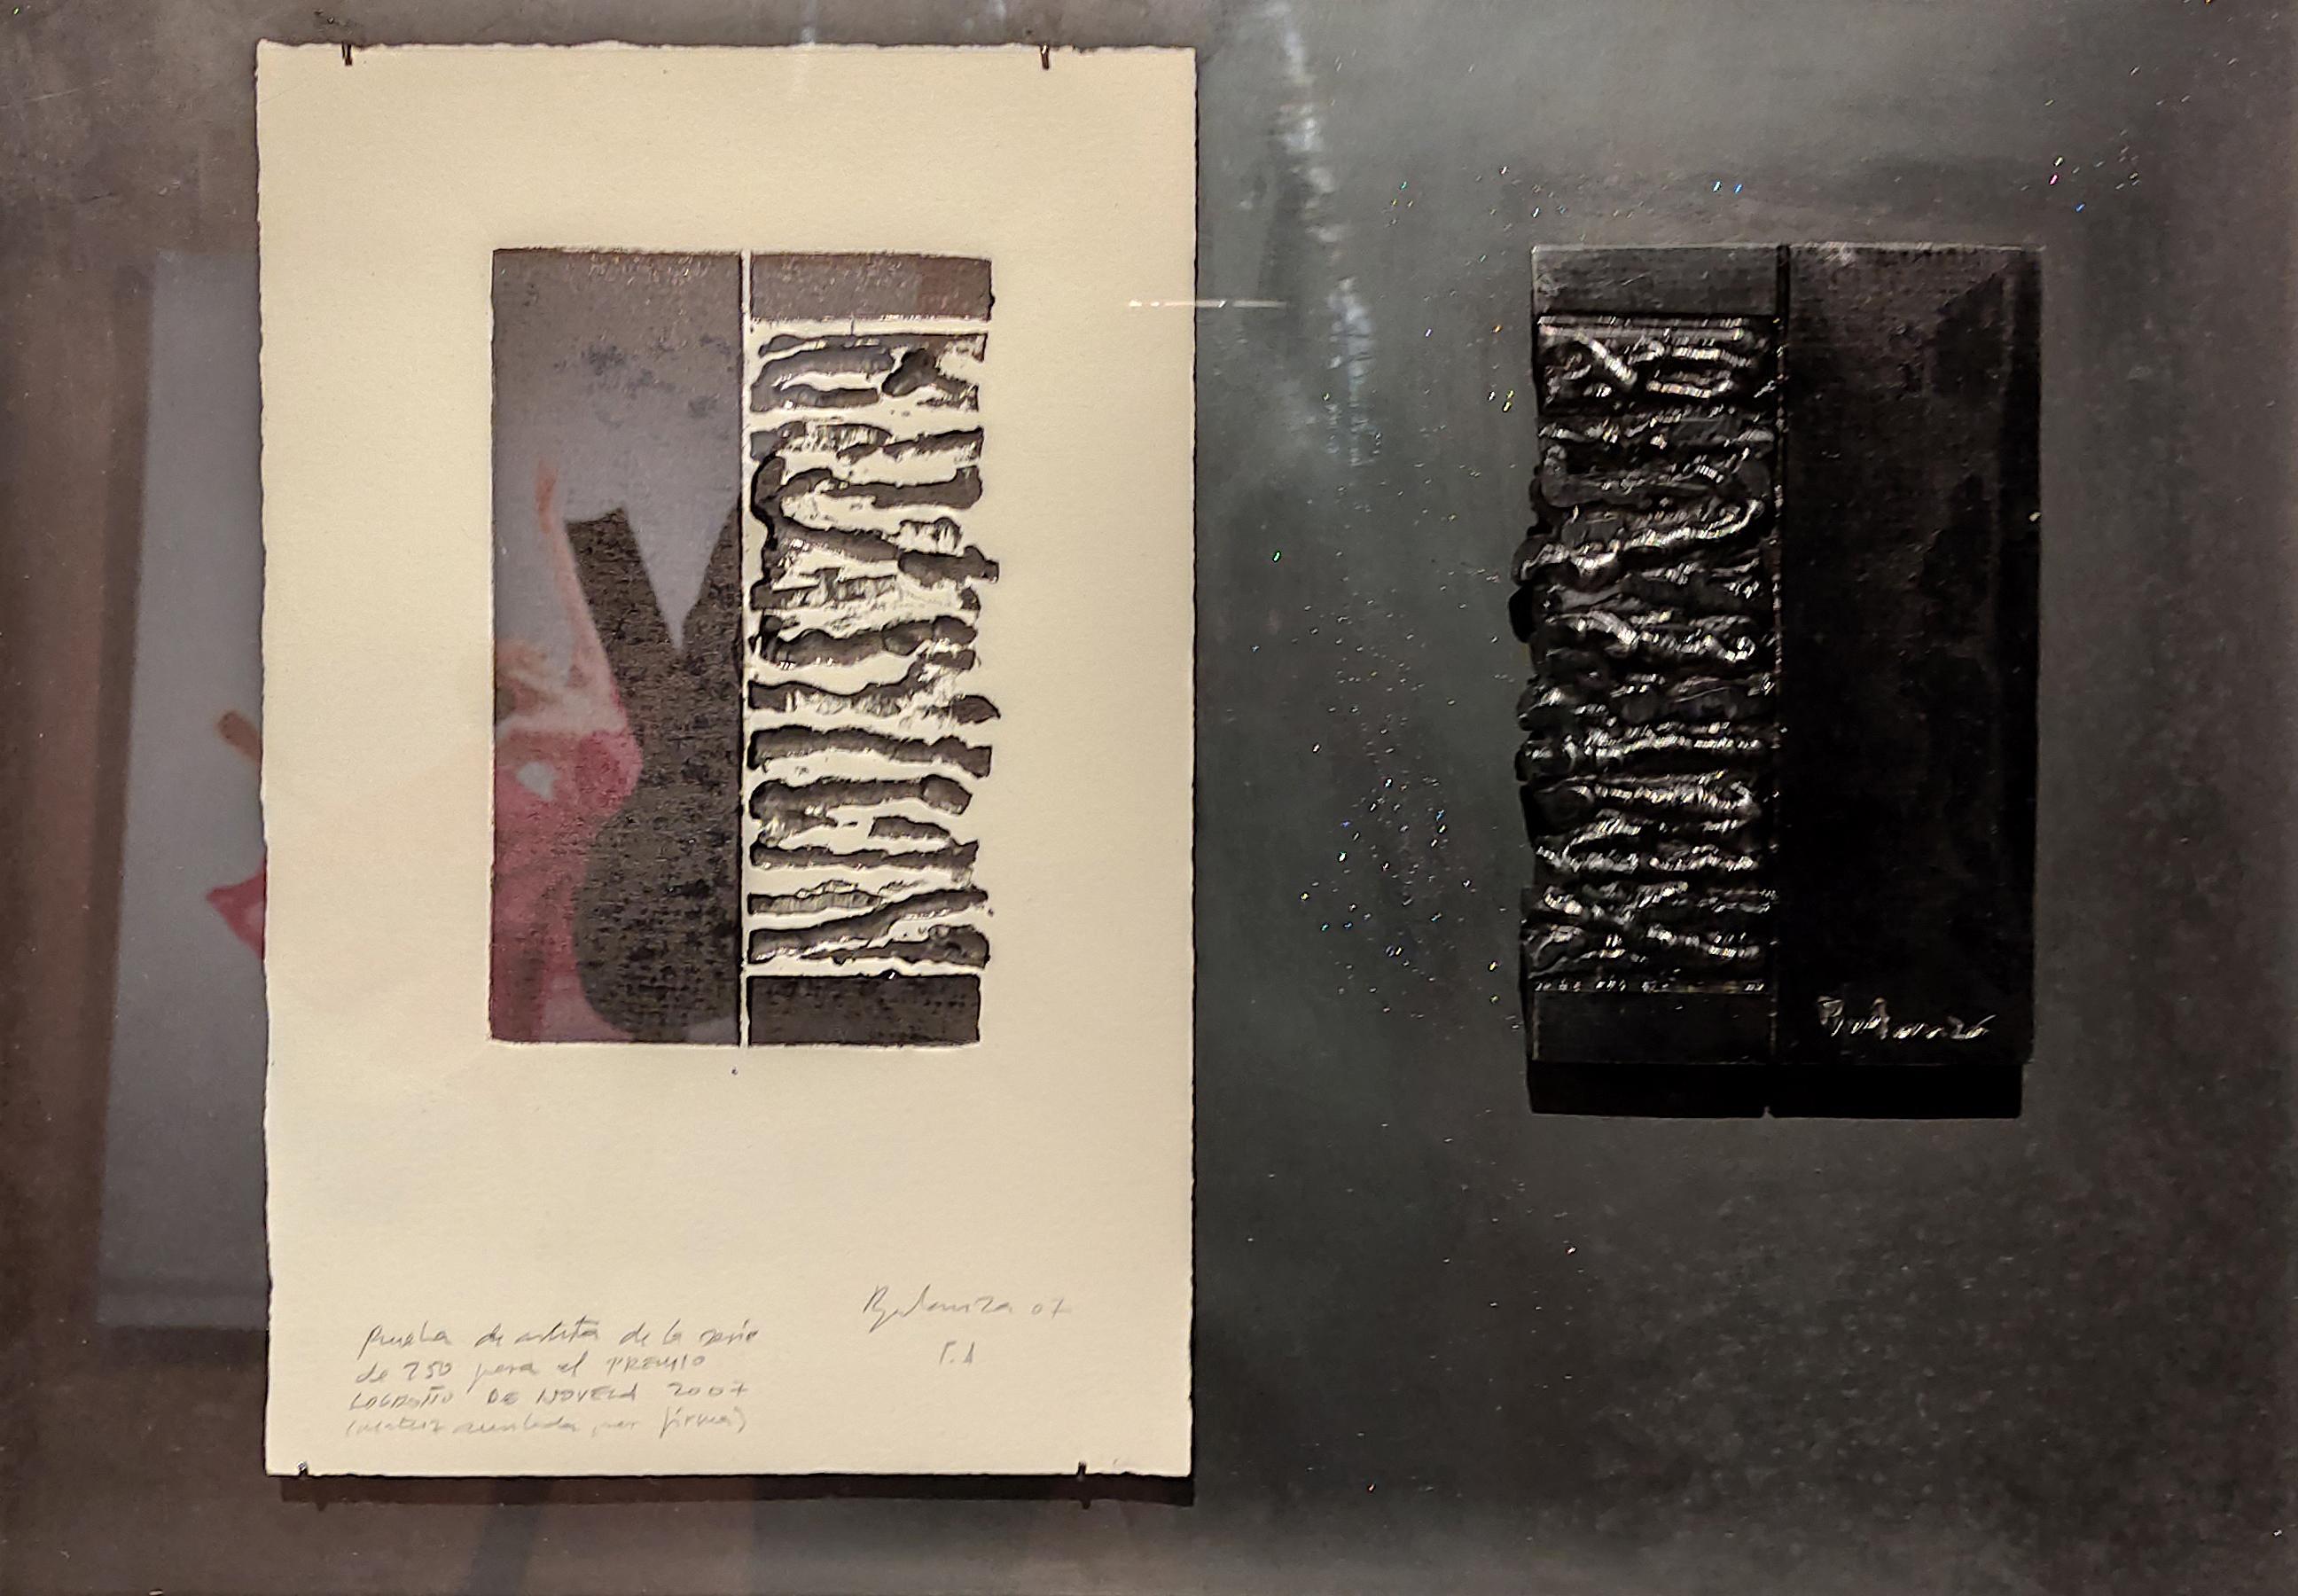 José Carlos Balanza   PREMIO LOGROÑO DE NOVELA Estampa (prueba de artista) y matriz (anulada mediante firma) pertenecientes al grabado del Premio Logroño de Novela, 2007.  (Estampa -sobre papel súper alfa- 30 x 19 cm; matriz -hierro- 17 x 10 cm. Enmarcados en hierro y cristal con una medida total de 40 x 51 cm).